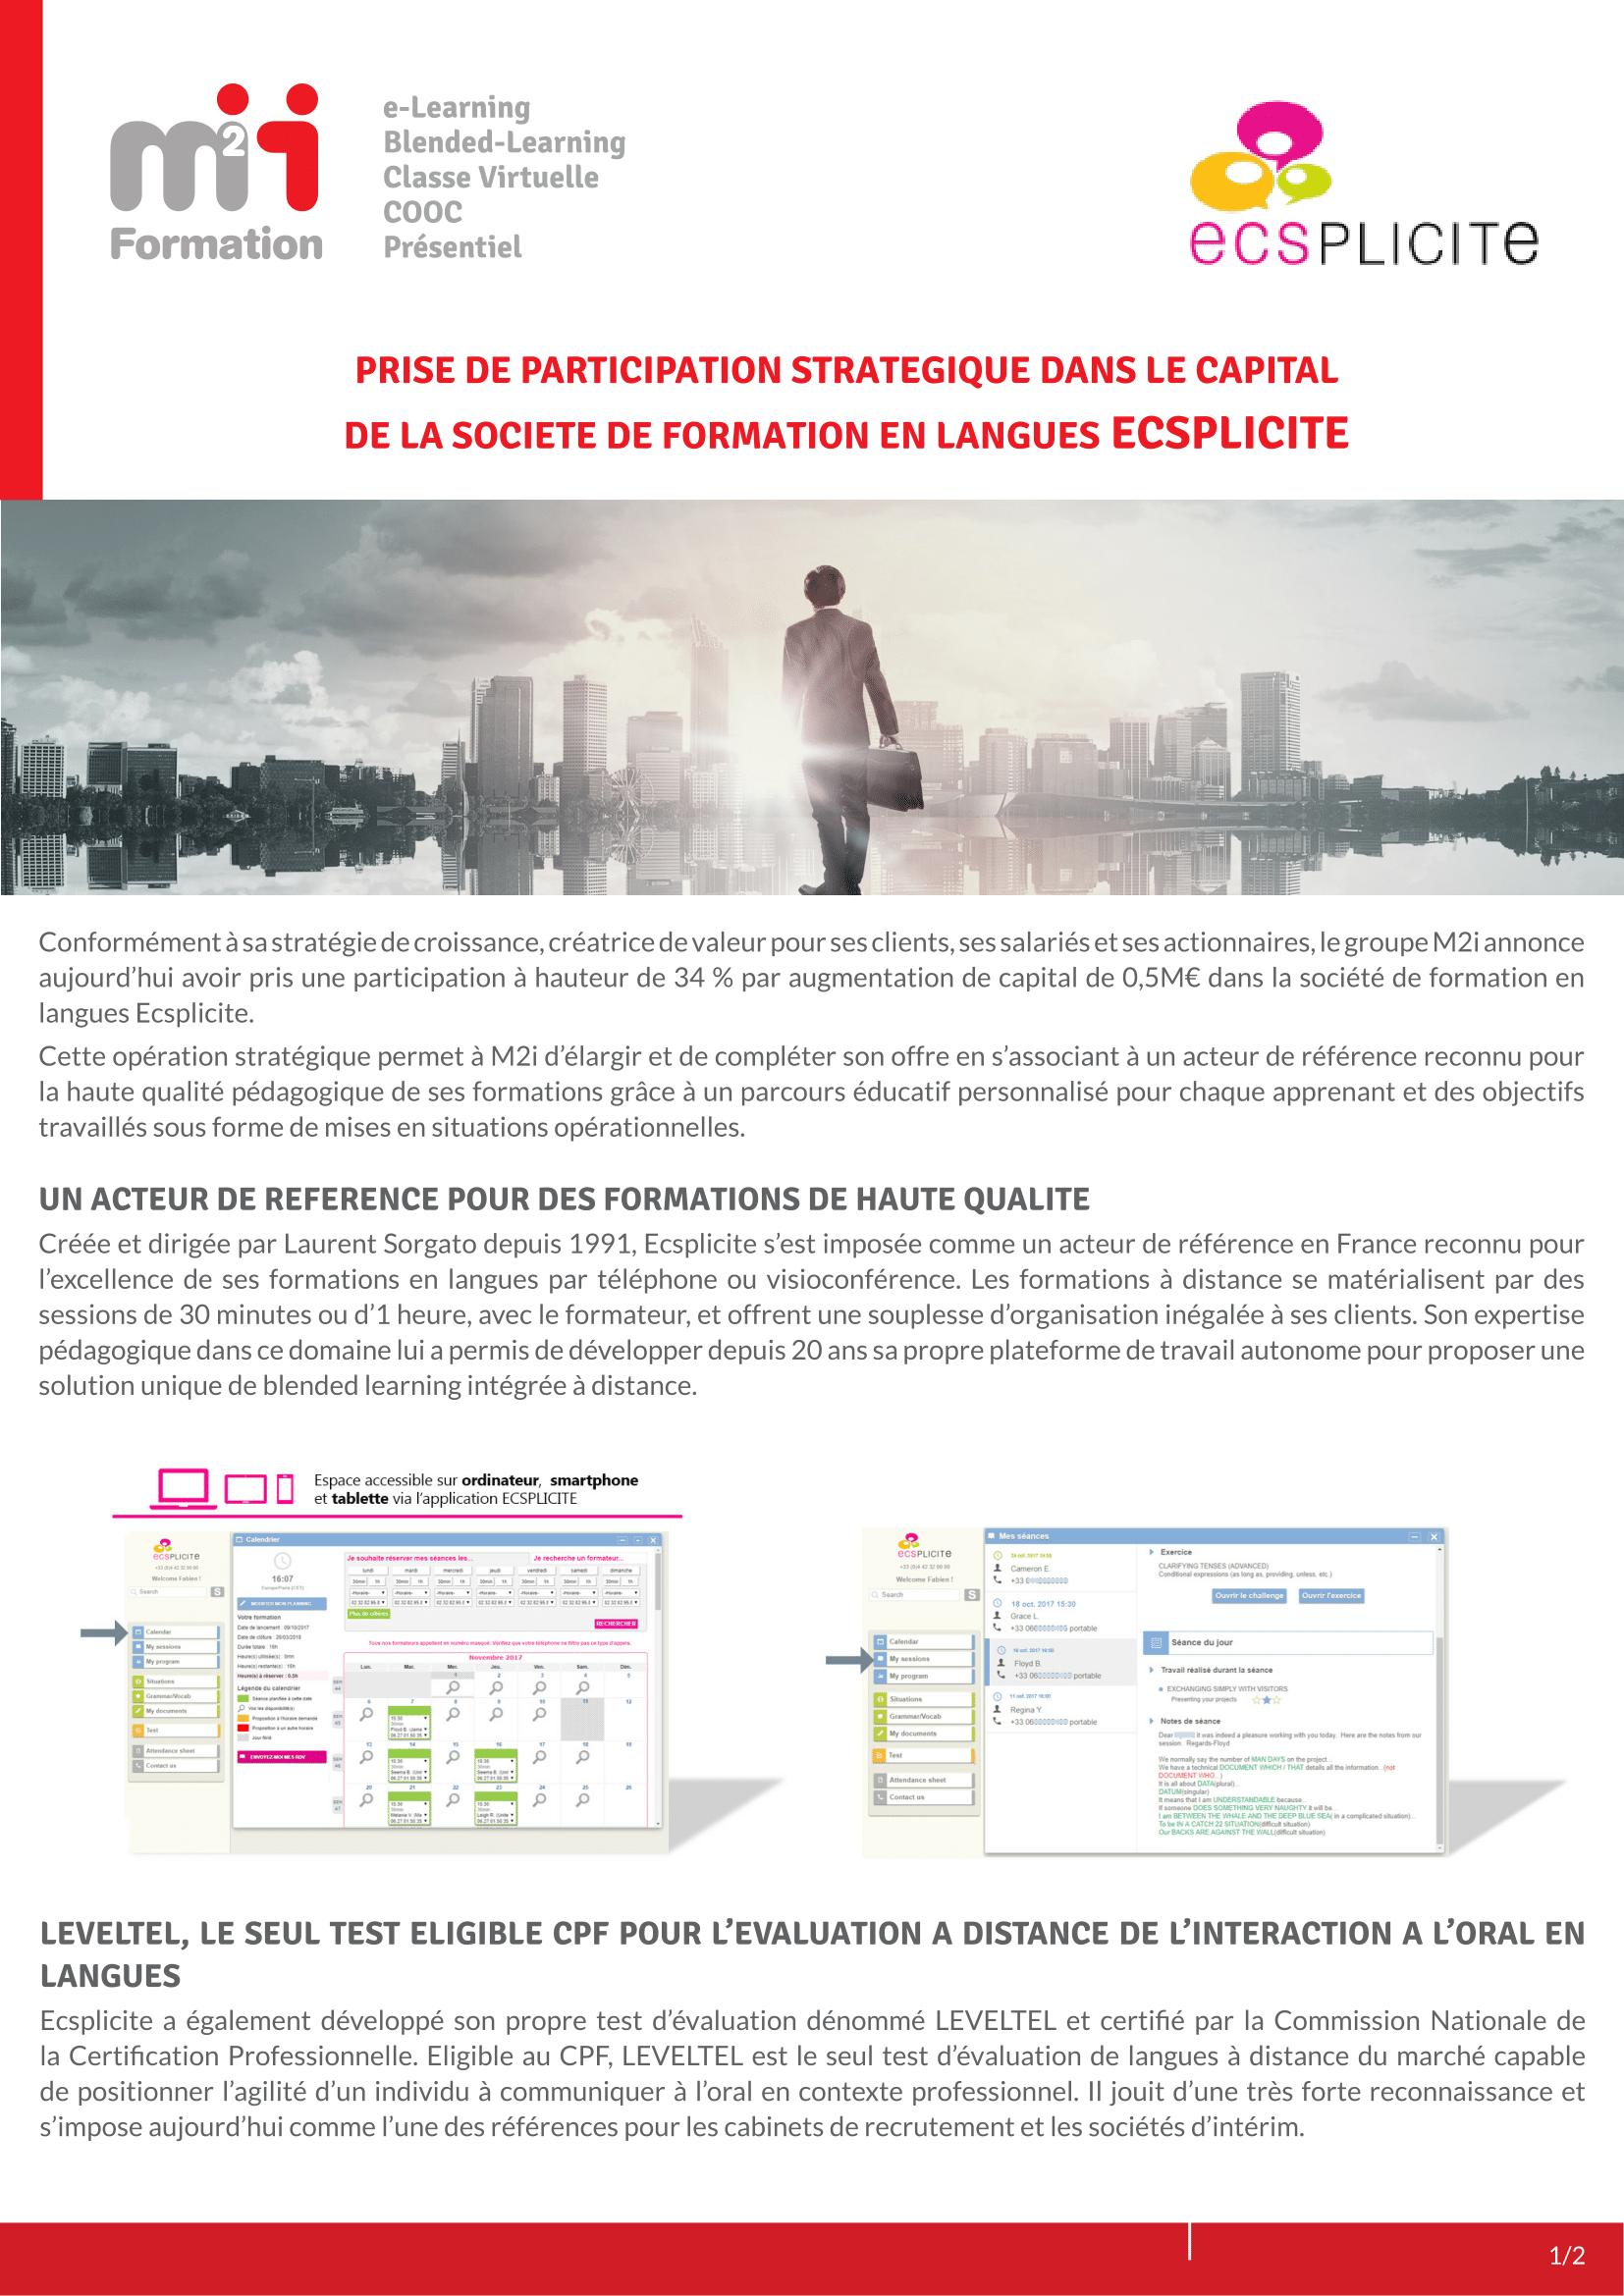 Groupe M2i - Prise de participation stratégique au capital de ECSPLICITE - 12 10 2018 17h35-1.png